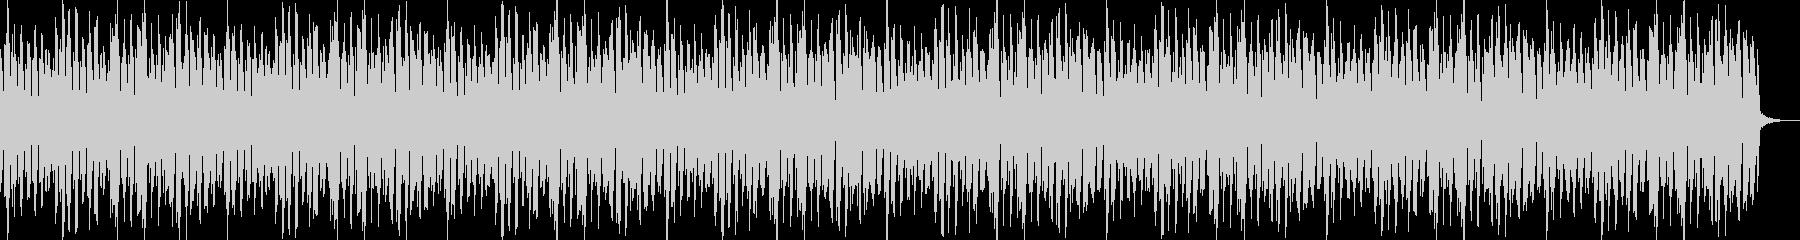 軽快なリズムのピアノBGMの未再生の波形